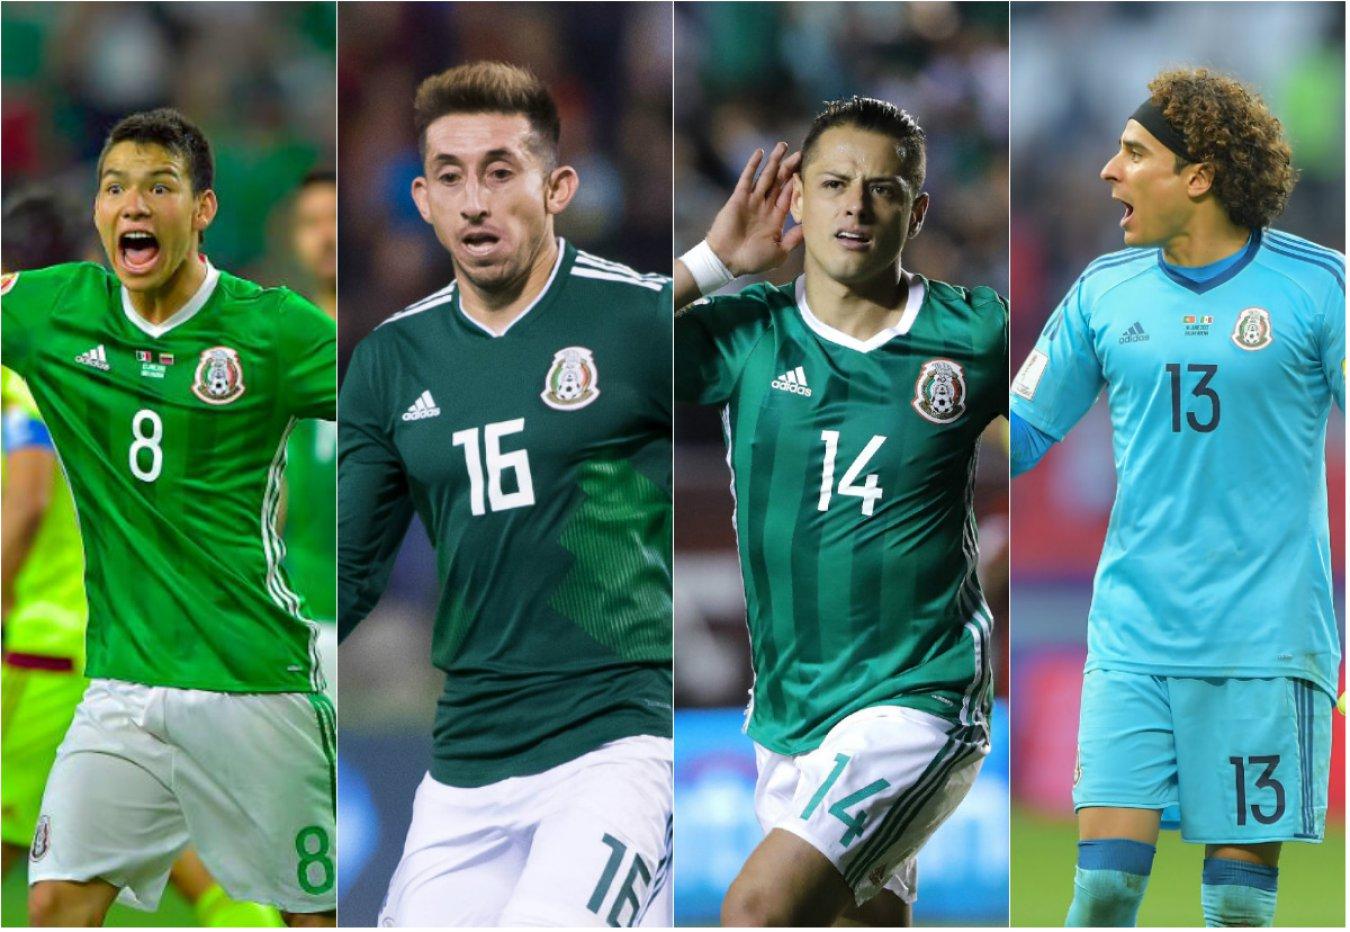 Alemania bromea con el parecido al uniforme de México - AS México 9e1da9de02211